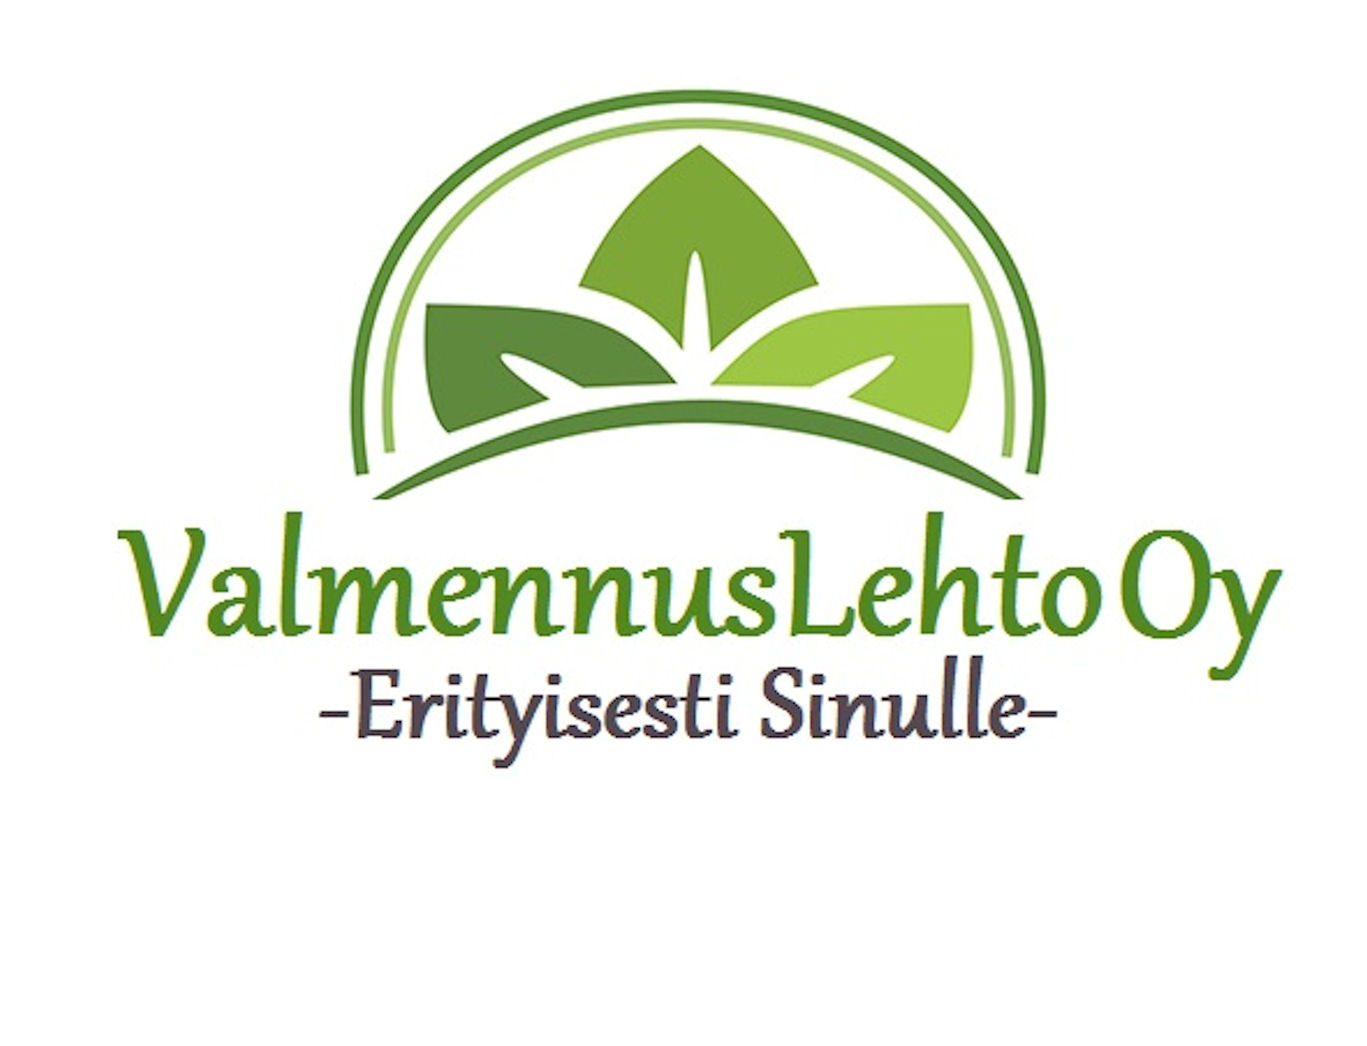 Valmennuslehto Logo